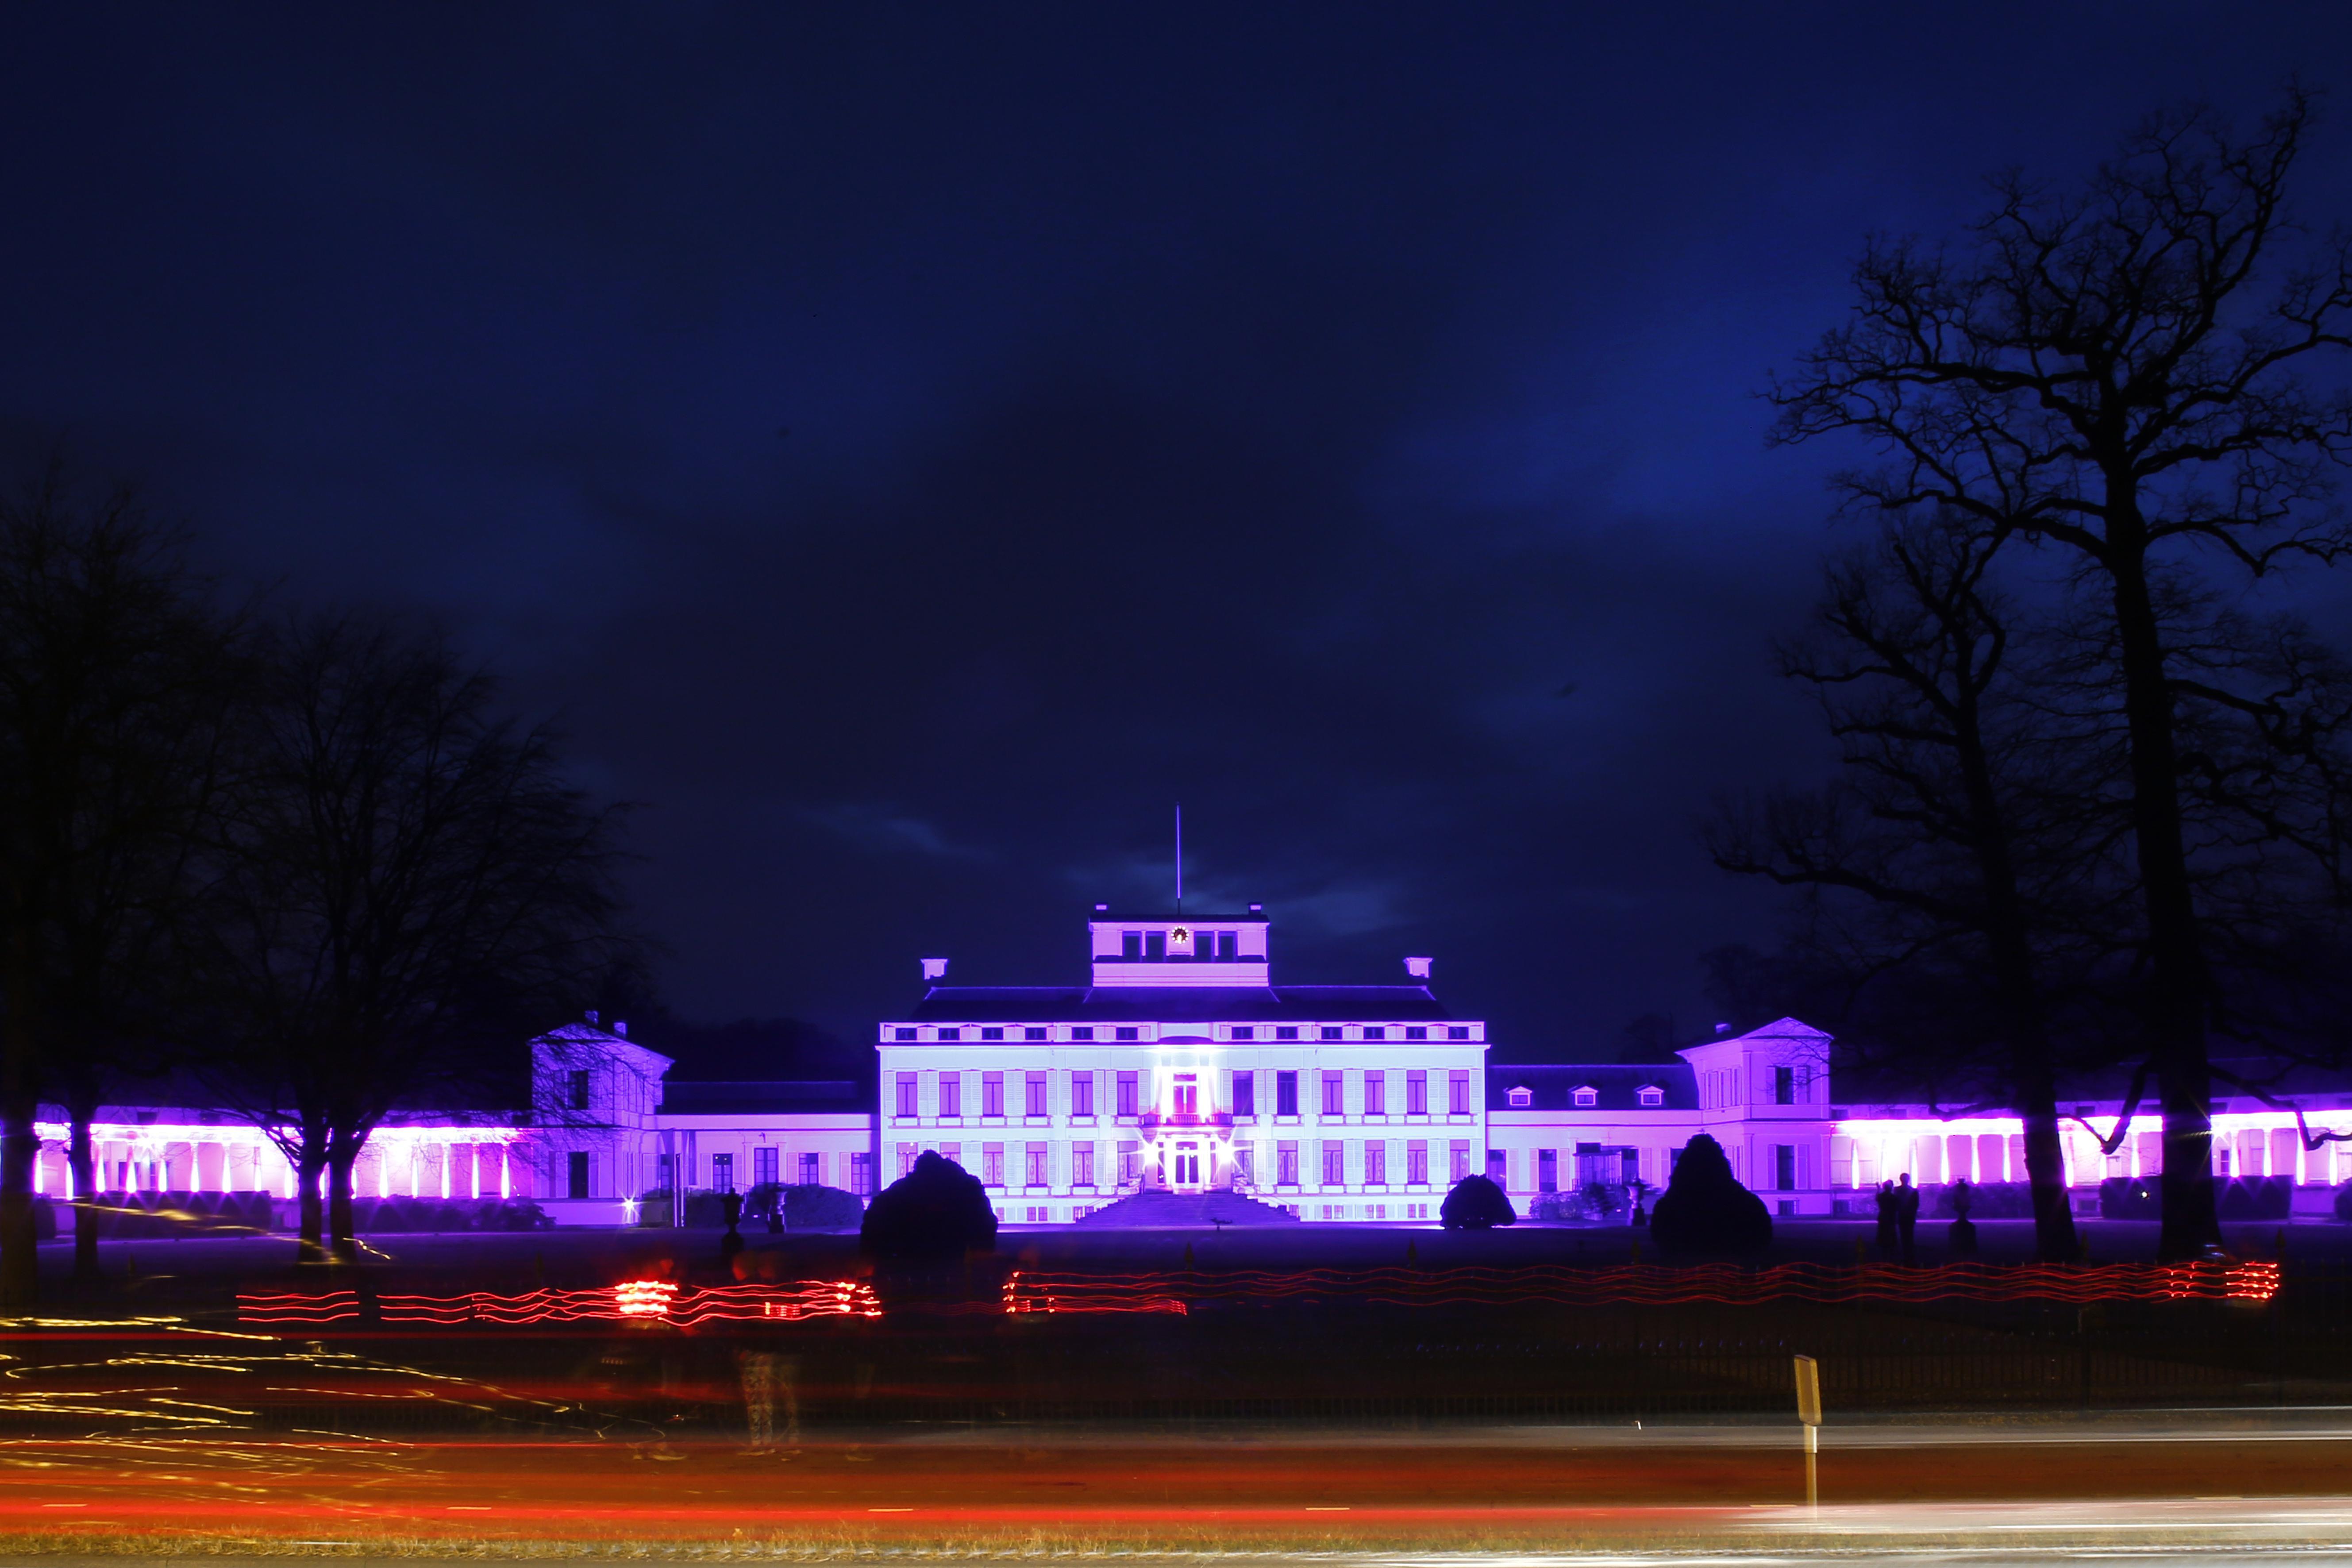 Ontwerpbestemmingsplan voor paleis Soestdijk bekend: twee extra kruisingen met stoplichten erbij, dus straks vier keer stoplichten in iets meer dan een kilometer